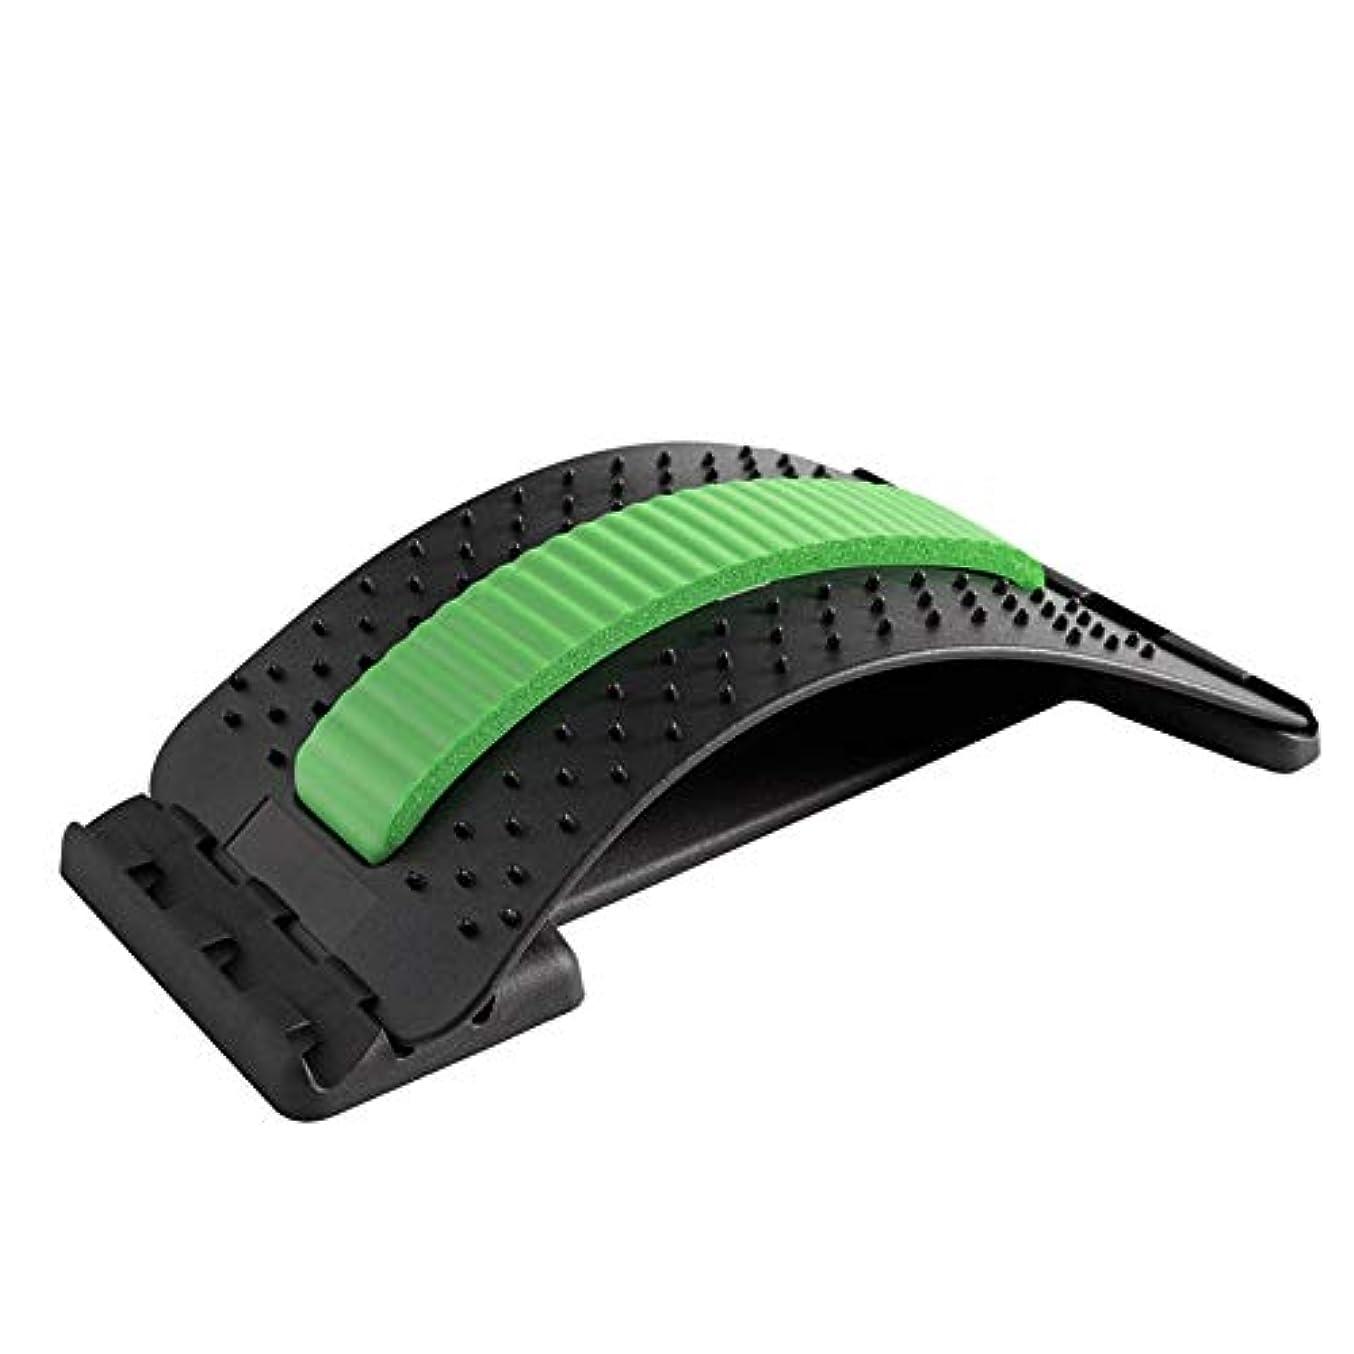 進行中お願いします男性背中バキバキ バック ストレッチャー 家庭用 オフィスチェアのバックストレッチャー、姿勢の痛みを軽減するバックストレッチャー腰椎延伸装置、姿勢コレクターバックサポート (Color : Green black)